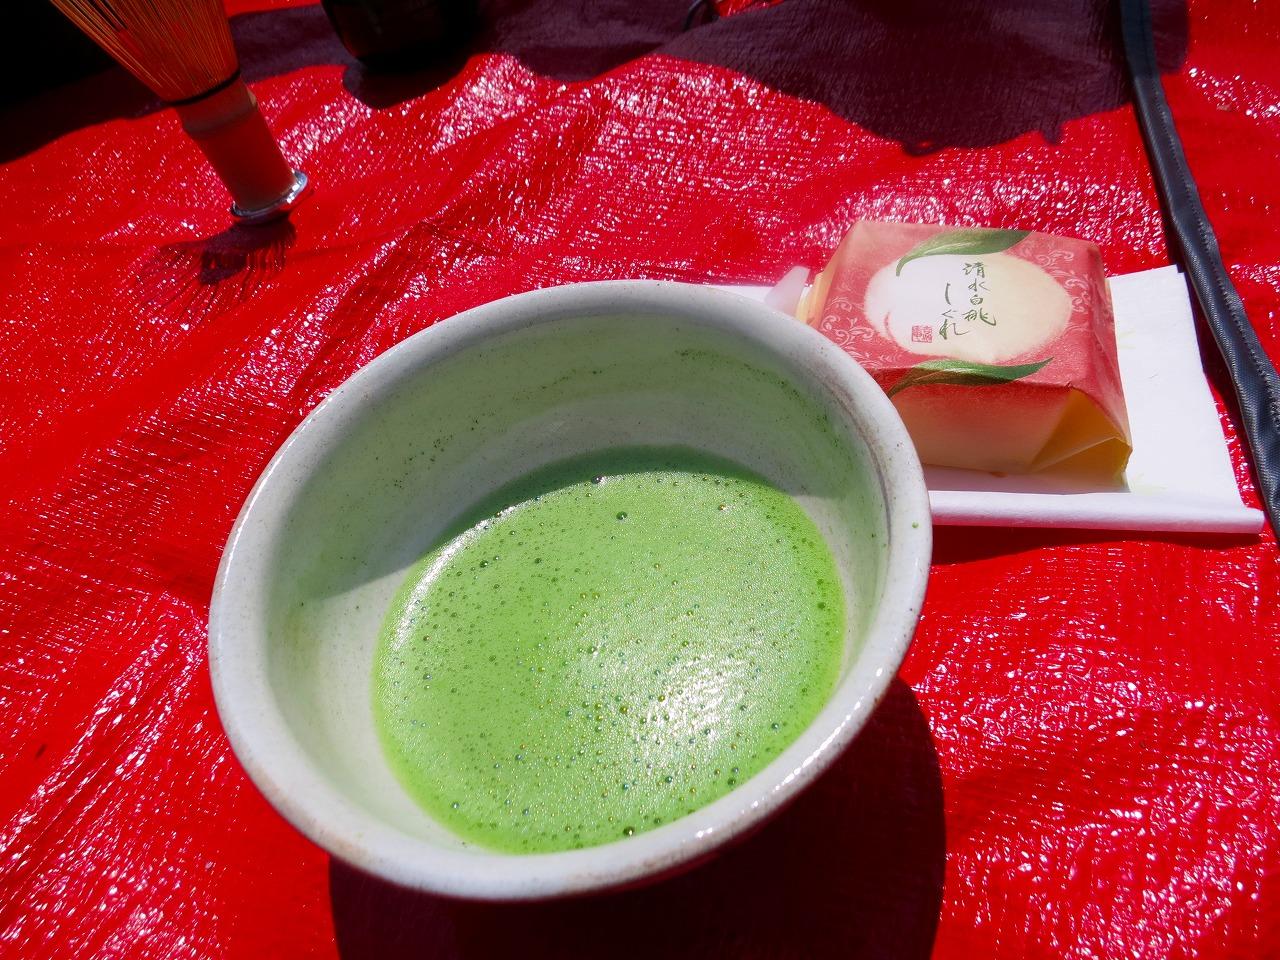 南阿蘇外輪山ハイキング&たこ焼き&お抹茶&コーヒー&ホワイトチョコフォンデュなのだ。